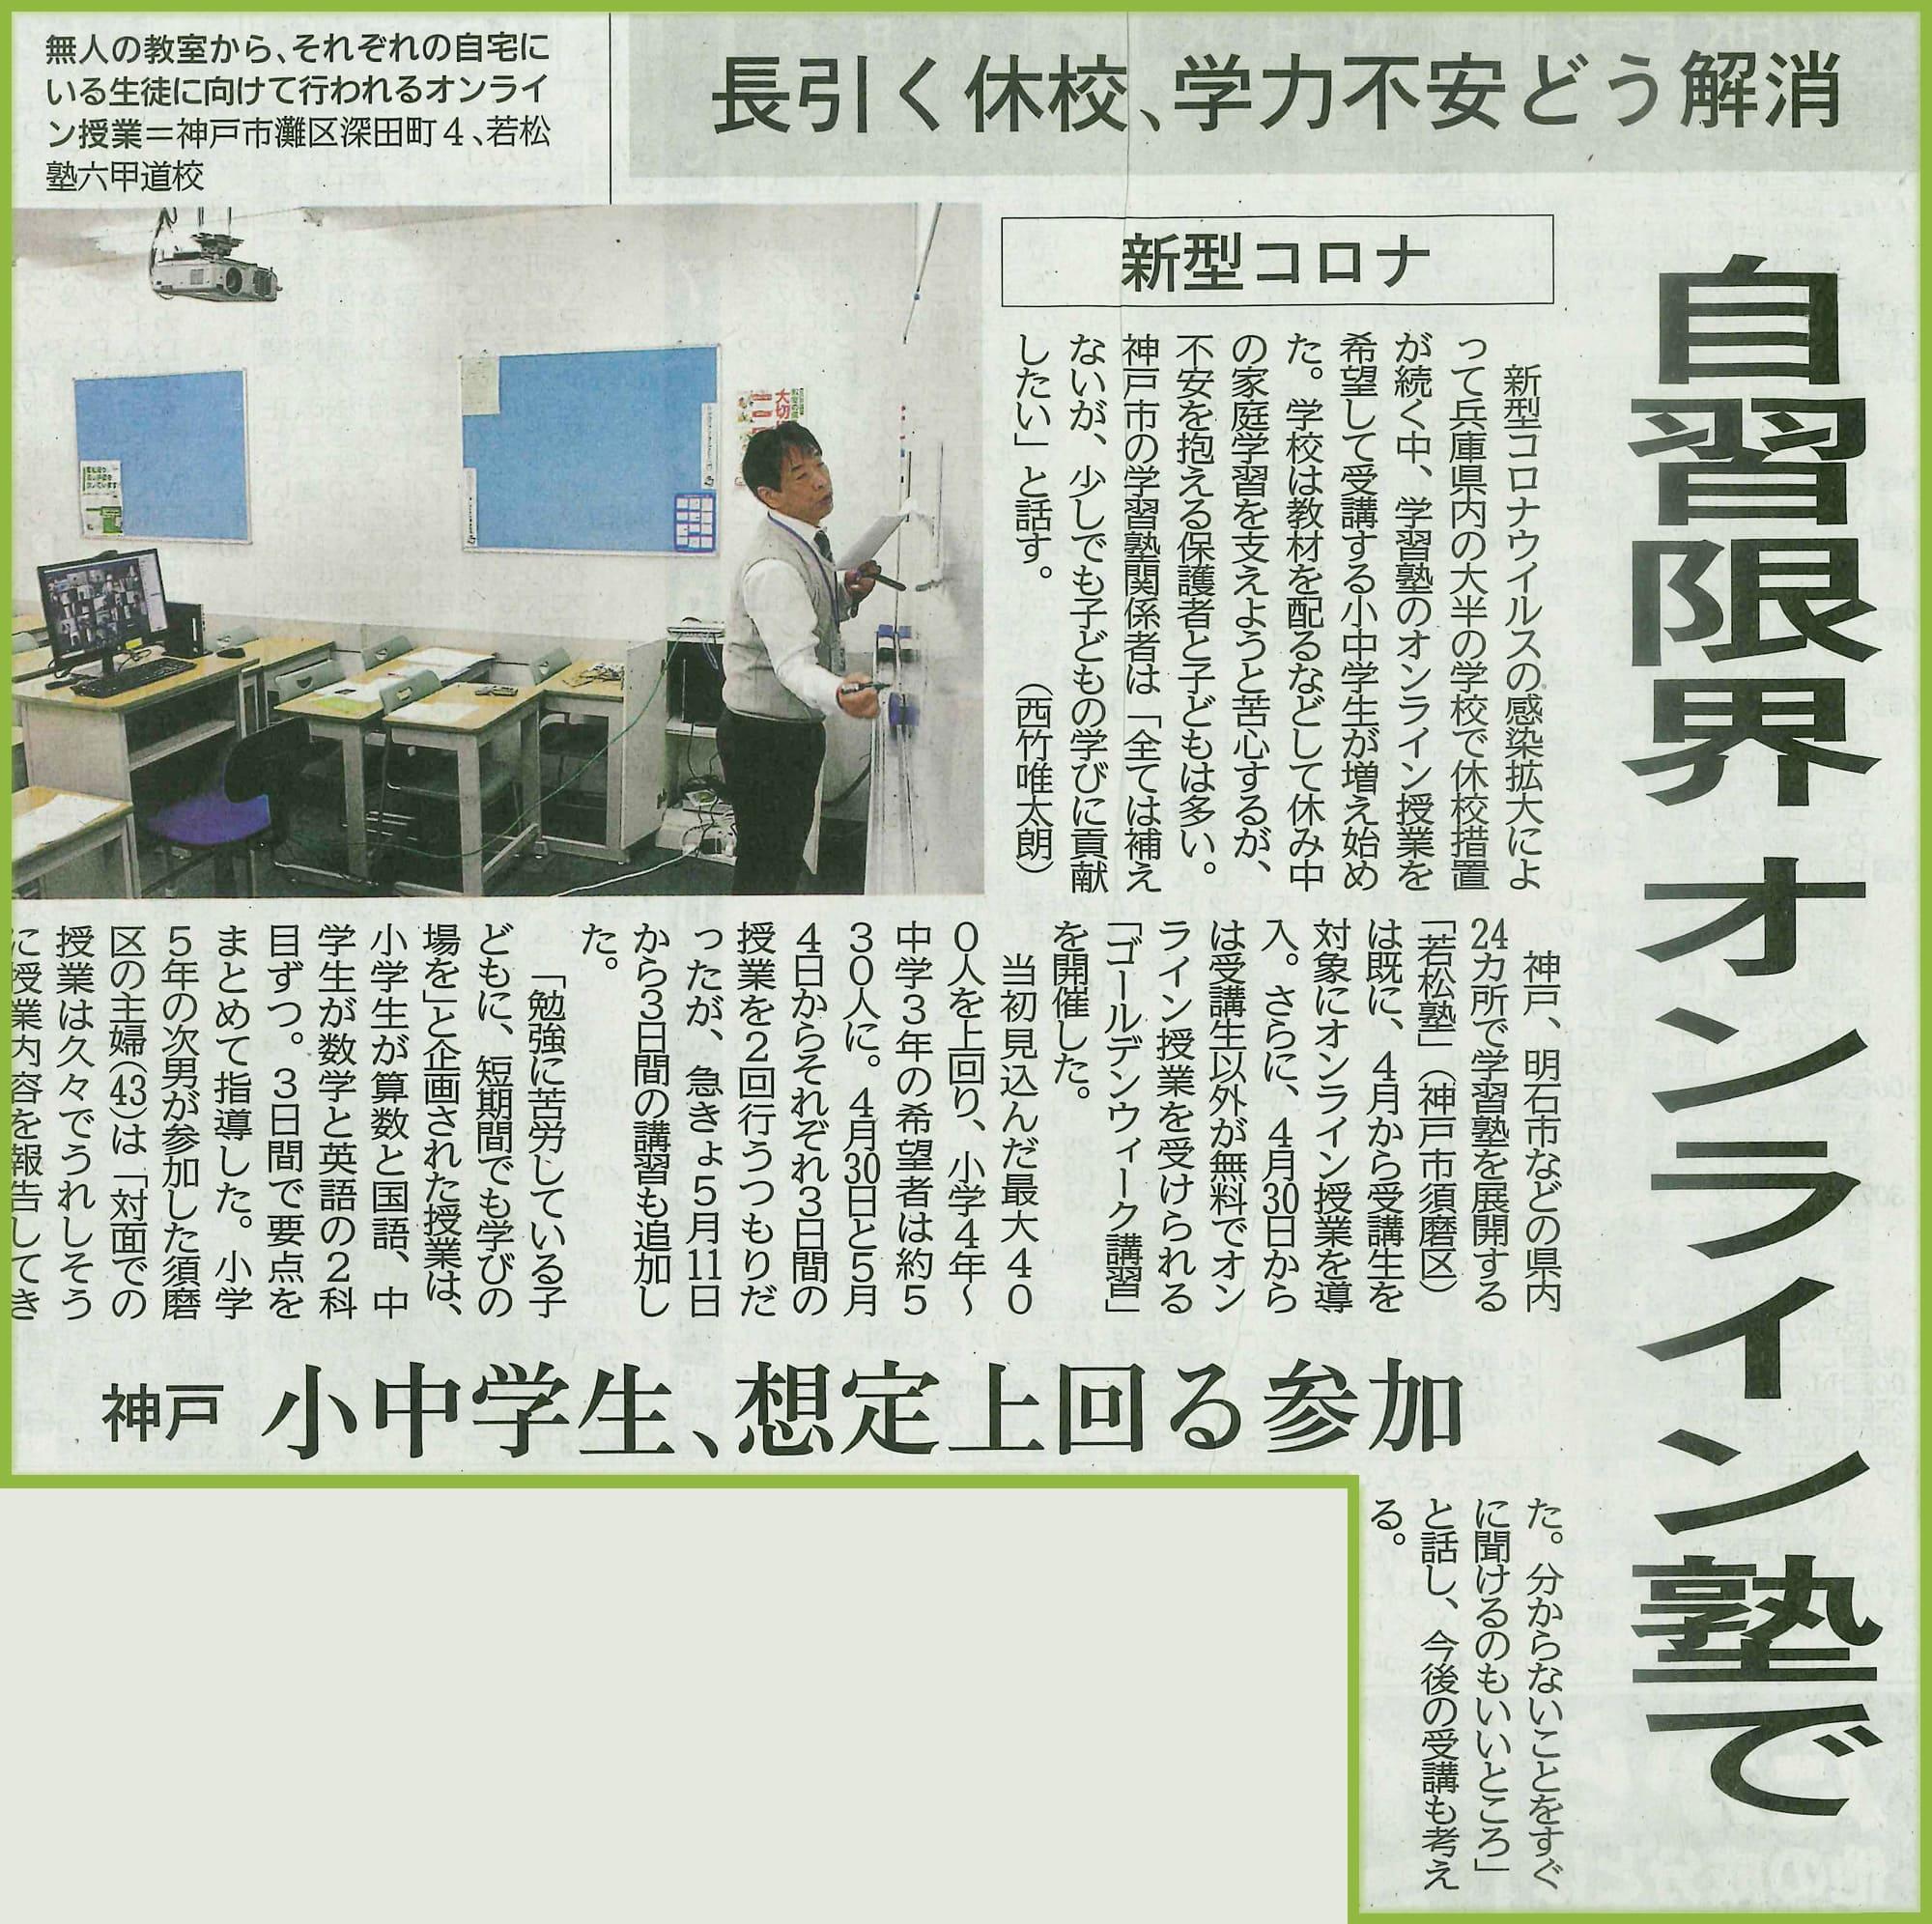 新聞で紹介されたオンライン授業